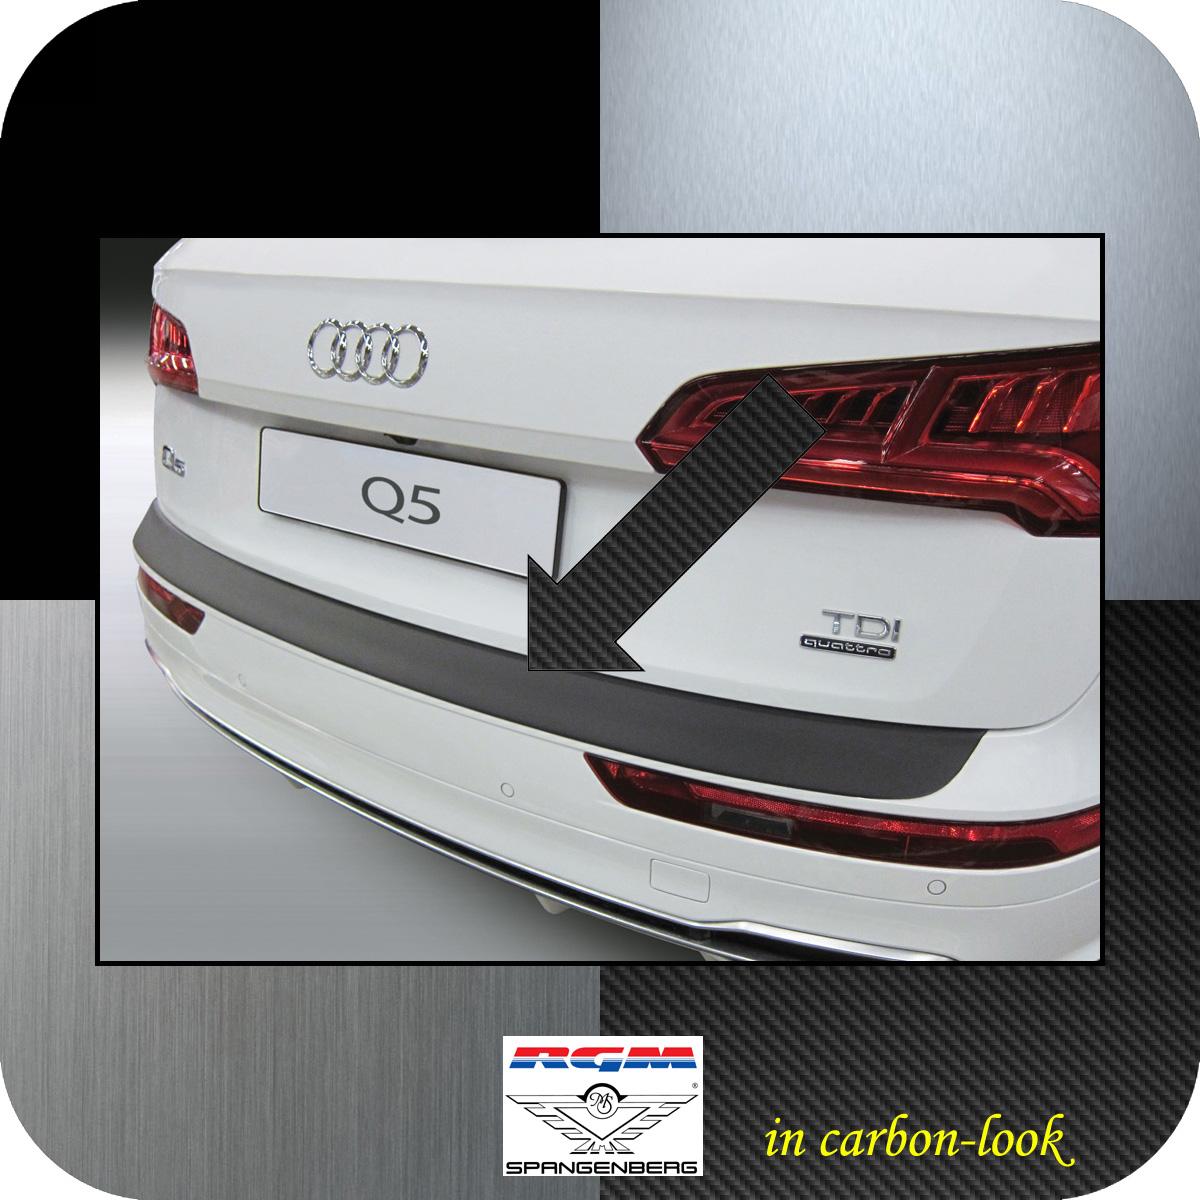 Aroba AR803 Ladekantenschutz kompatibel f/ür Audi Q5 und SQ5 ab BJ 10.2016 Sto/ßstangenschutz passgenau mit Abkantung ABS Farbe schwarz